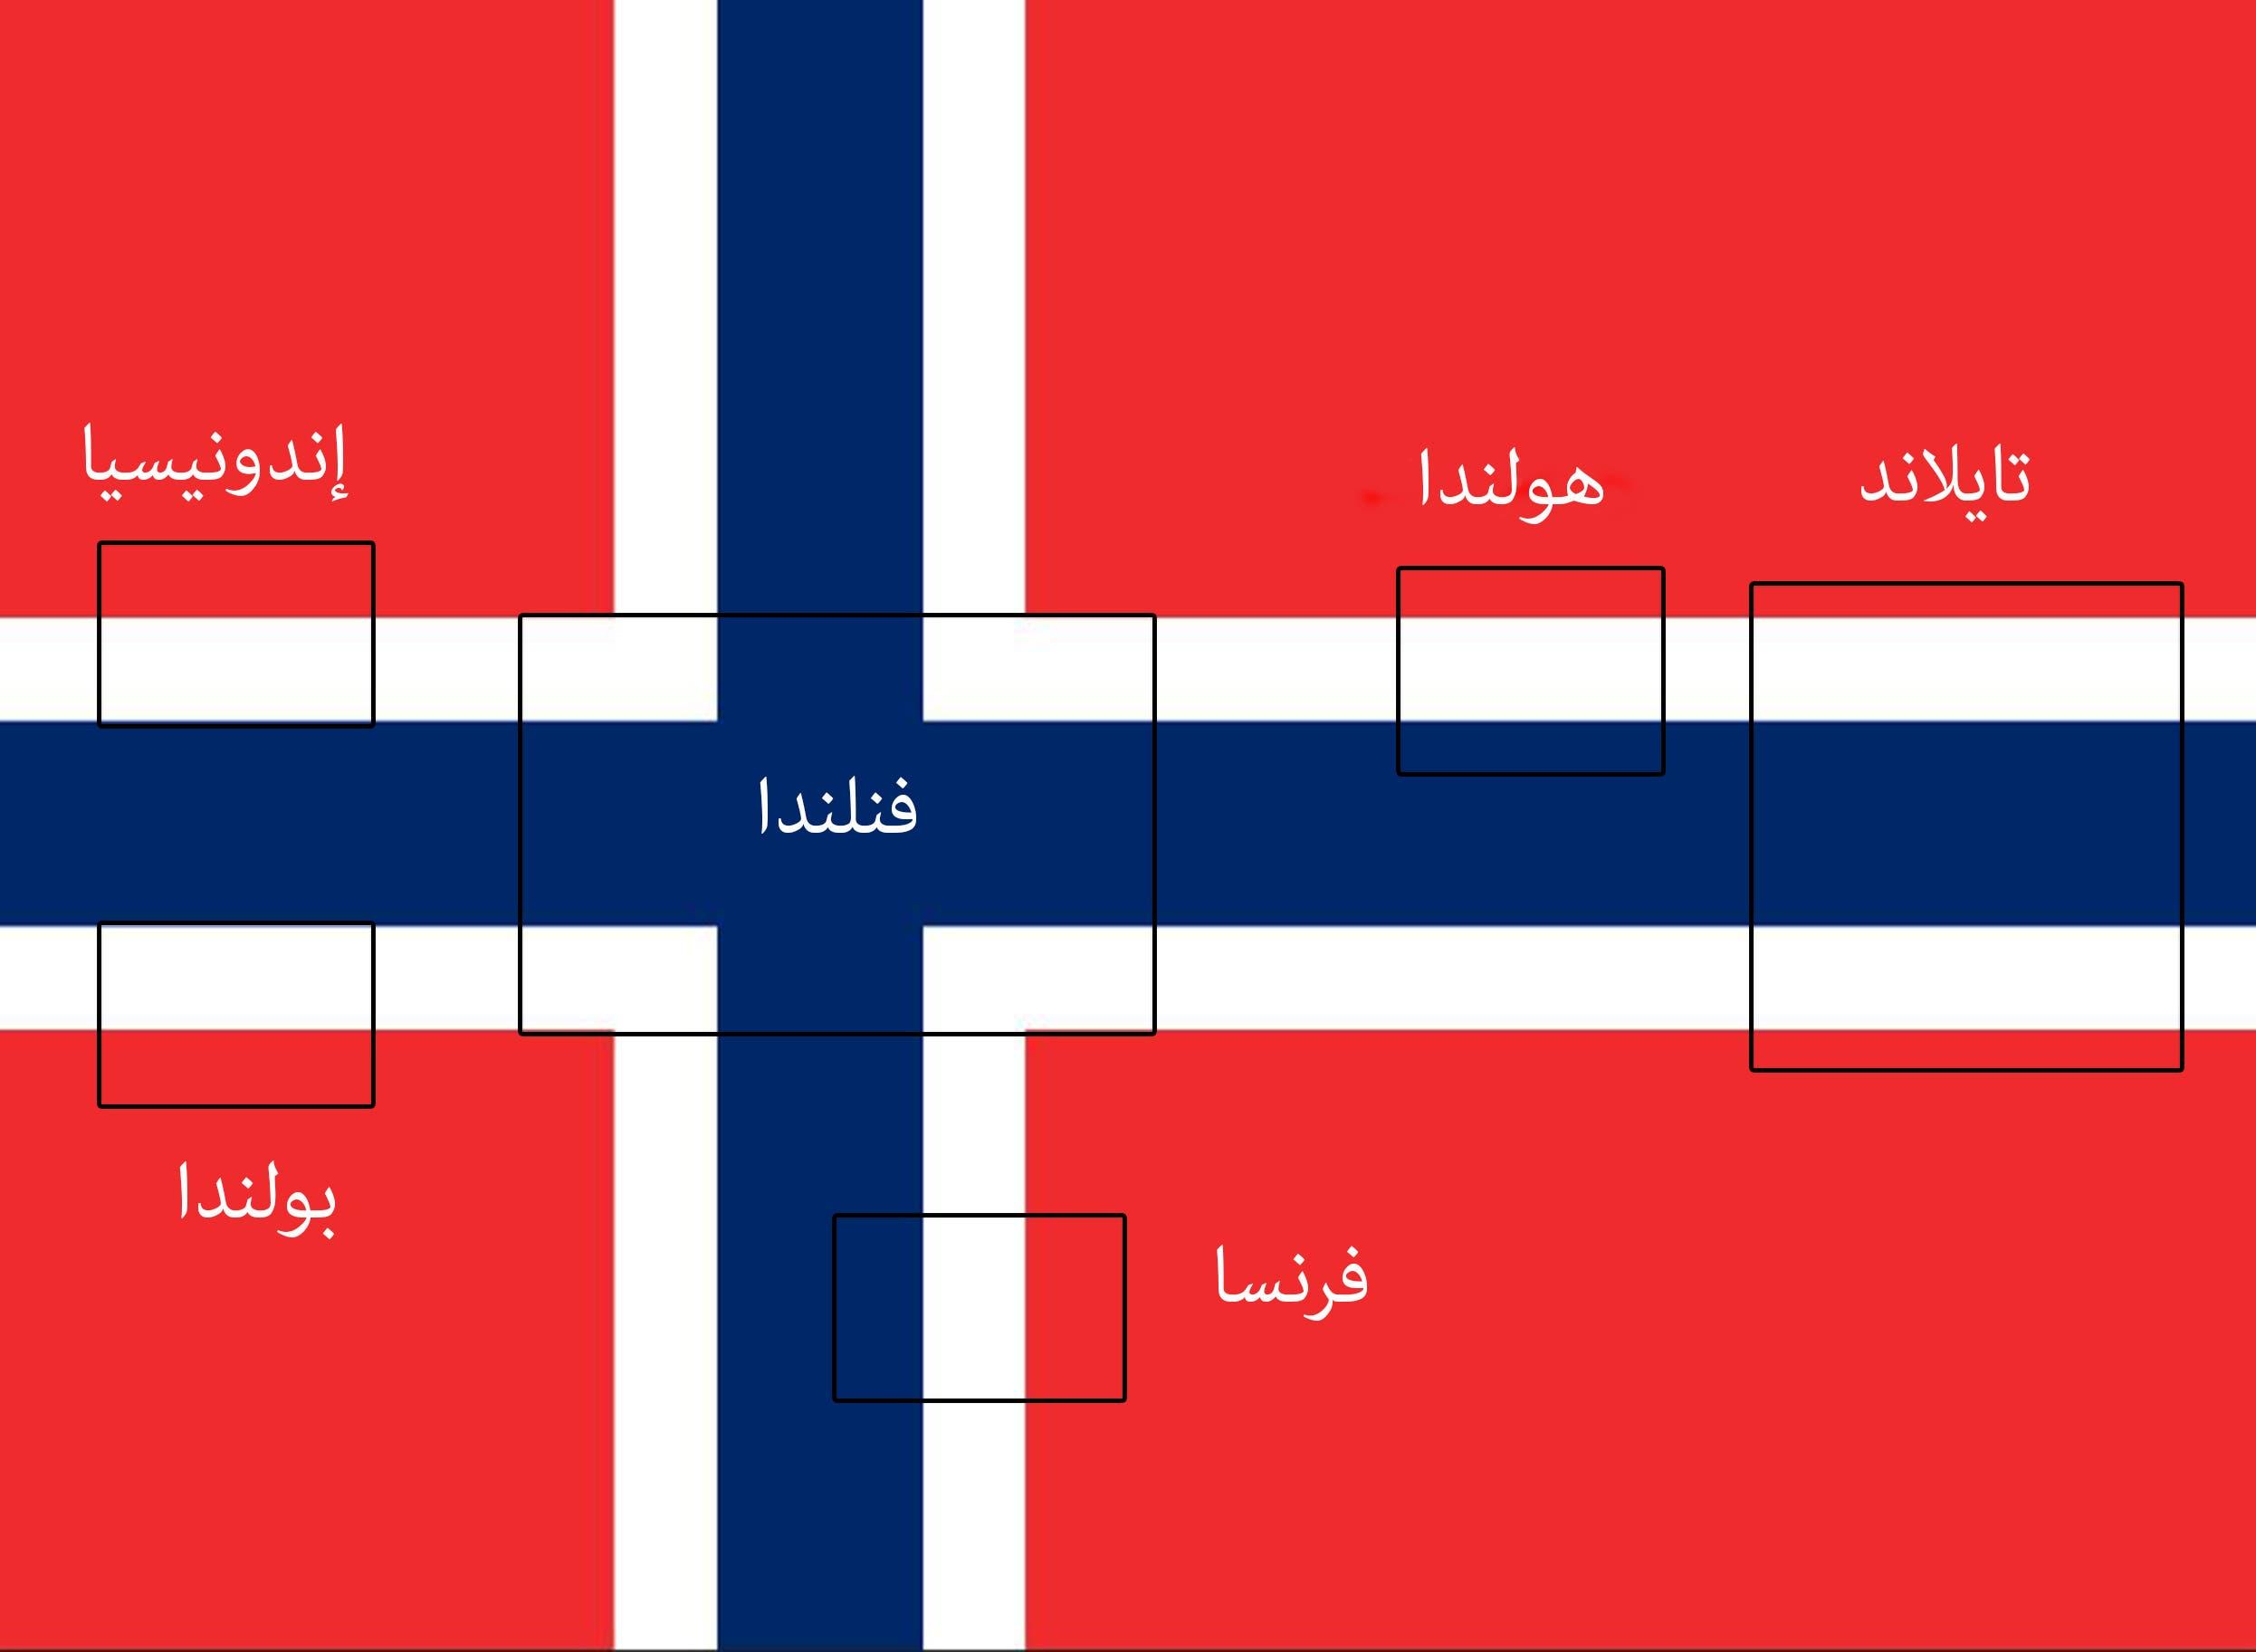 أعلام 6 دول في العلم النرويجي